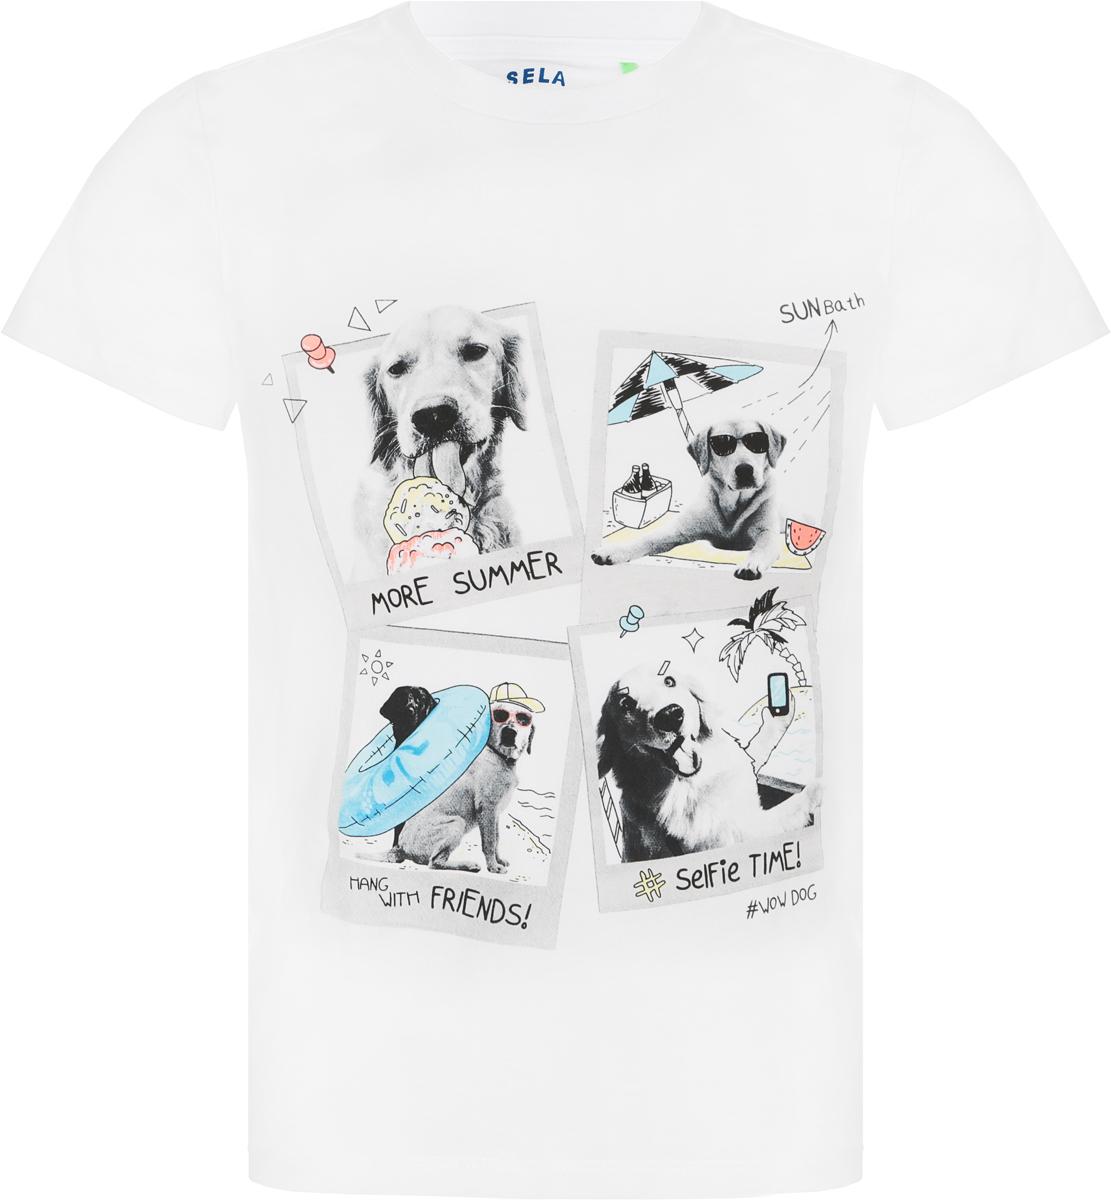 Футболка для мальчика Sela, цвет: белый. Ts-711/567-8234. Размер 116, 6 лет футболка для девочки sela цвет молочный белый ts 511 476 8122 размер 116 6 лет